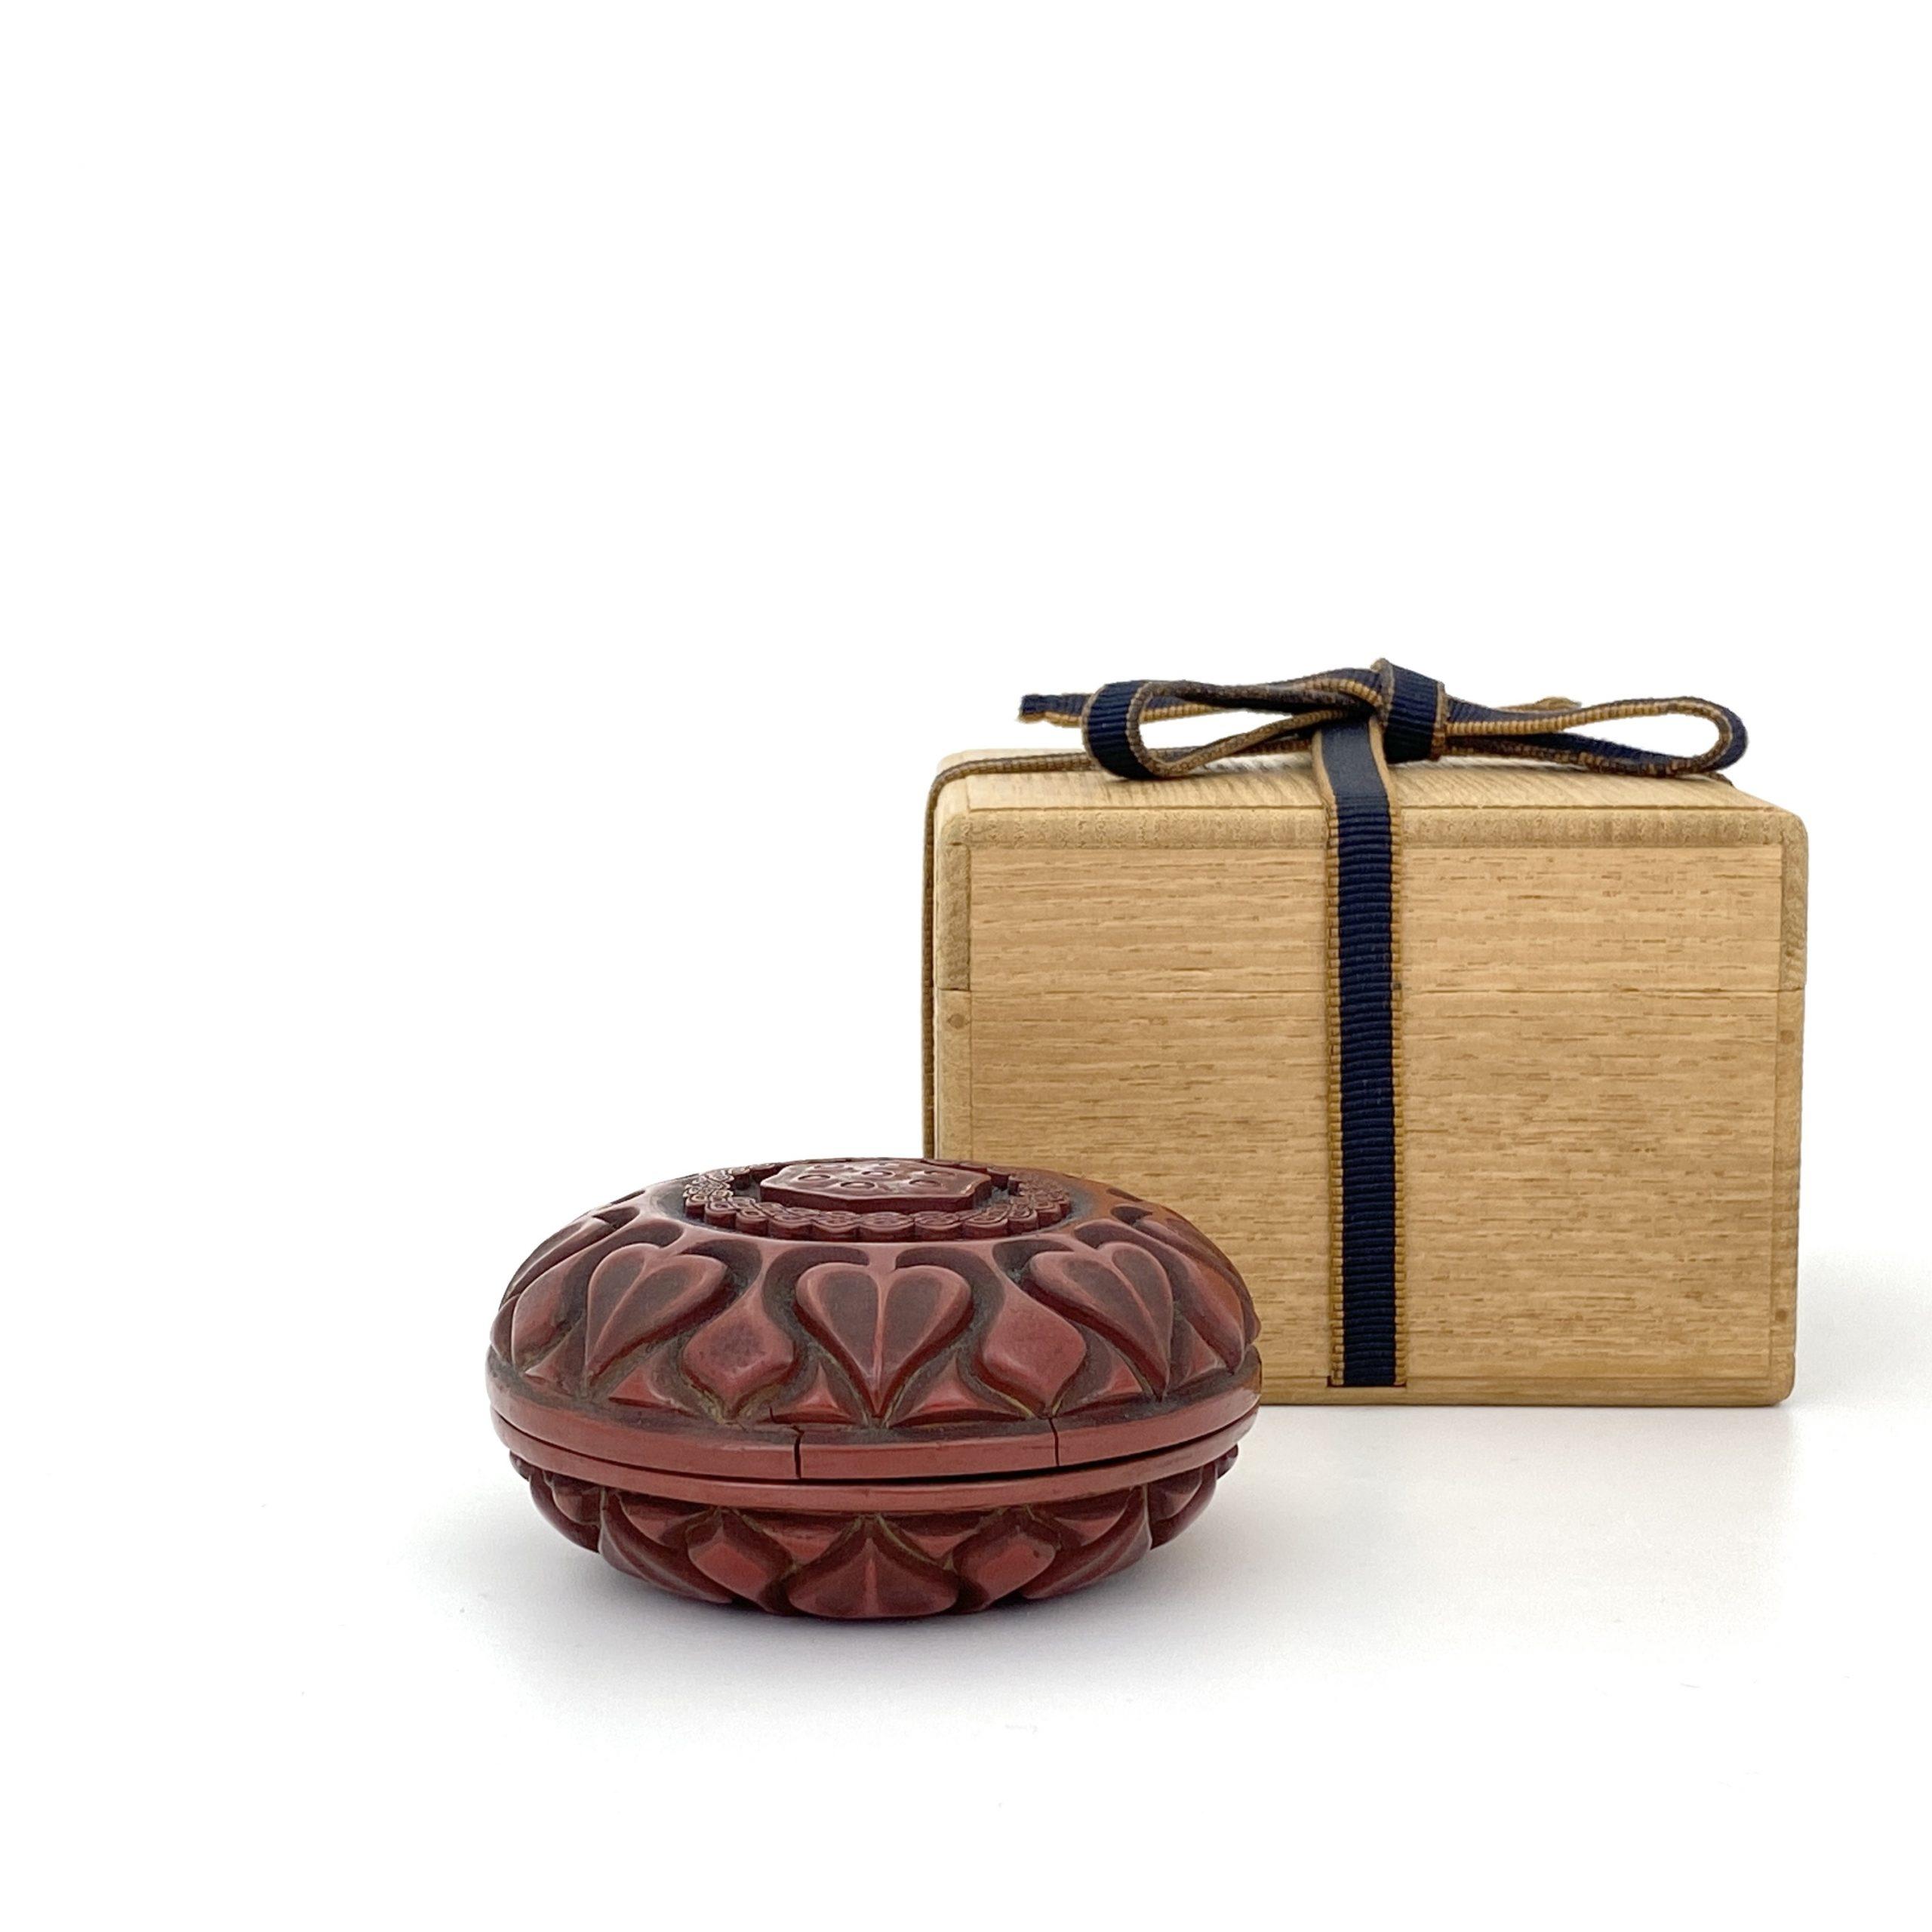 21652明十五世紀 剔紅雕 蓮紋 圓盒